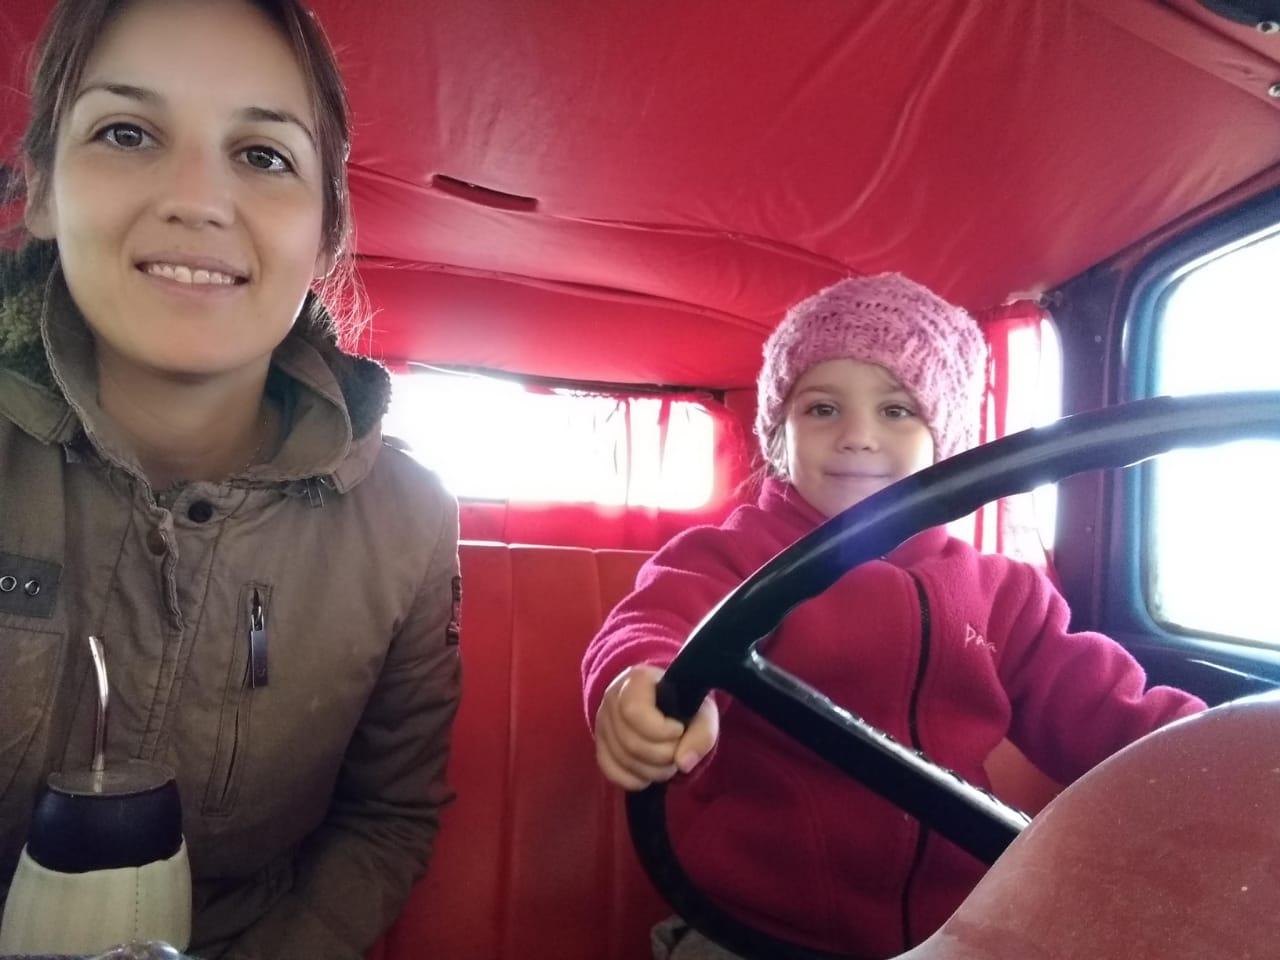 HISTORIAS DE VIDA: Es veterinaria, estudió en La Pampa y recorre el campo acompañada de su pequeña hija Victoria